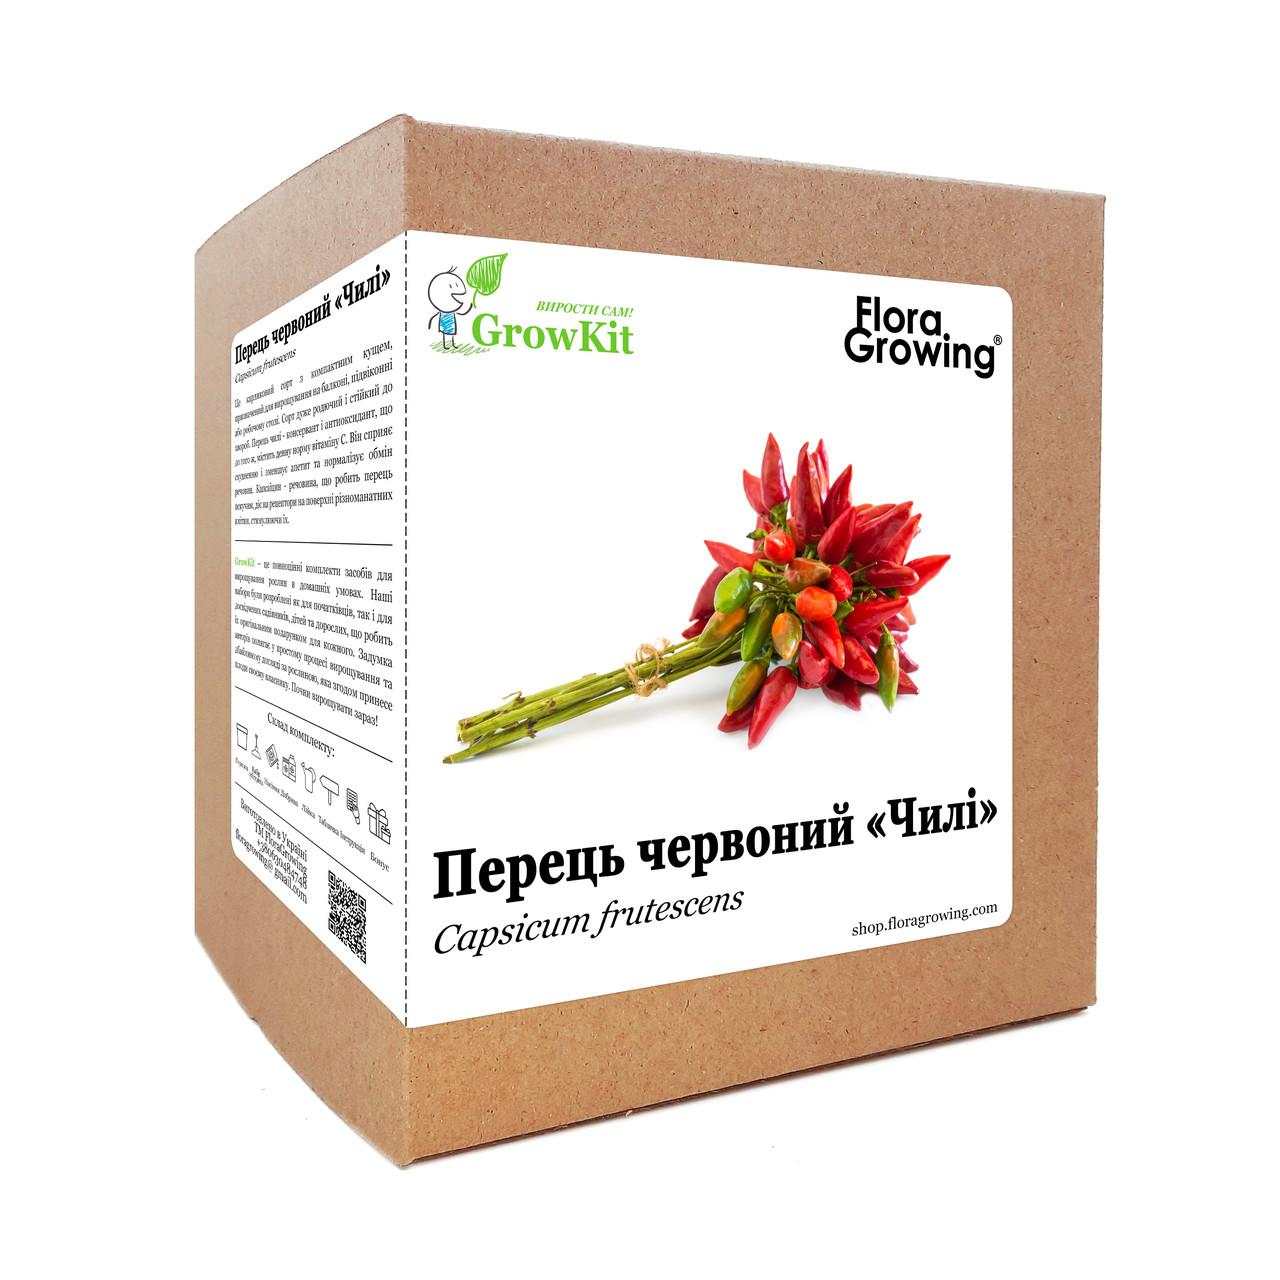 """GrowKit Перчик """"Чили"""" - набор для выращивания на подоконнике"""